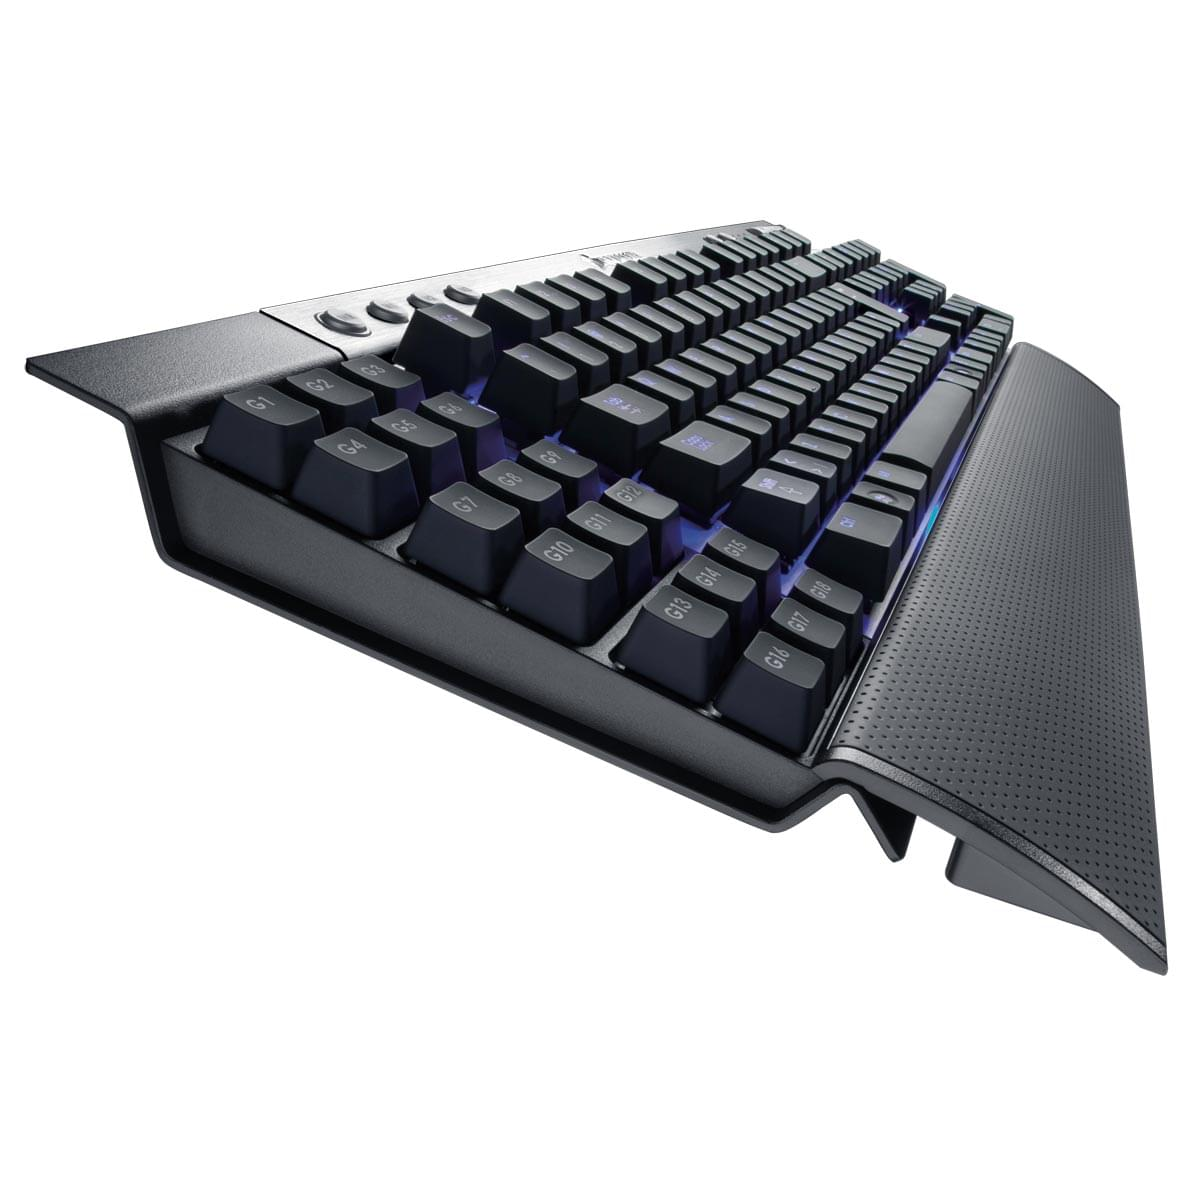 Corsair Vengeance K90 - Clavier PC Corsair - Cybertek.fr - 0